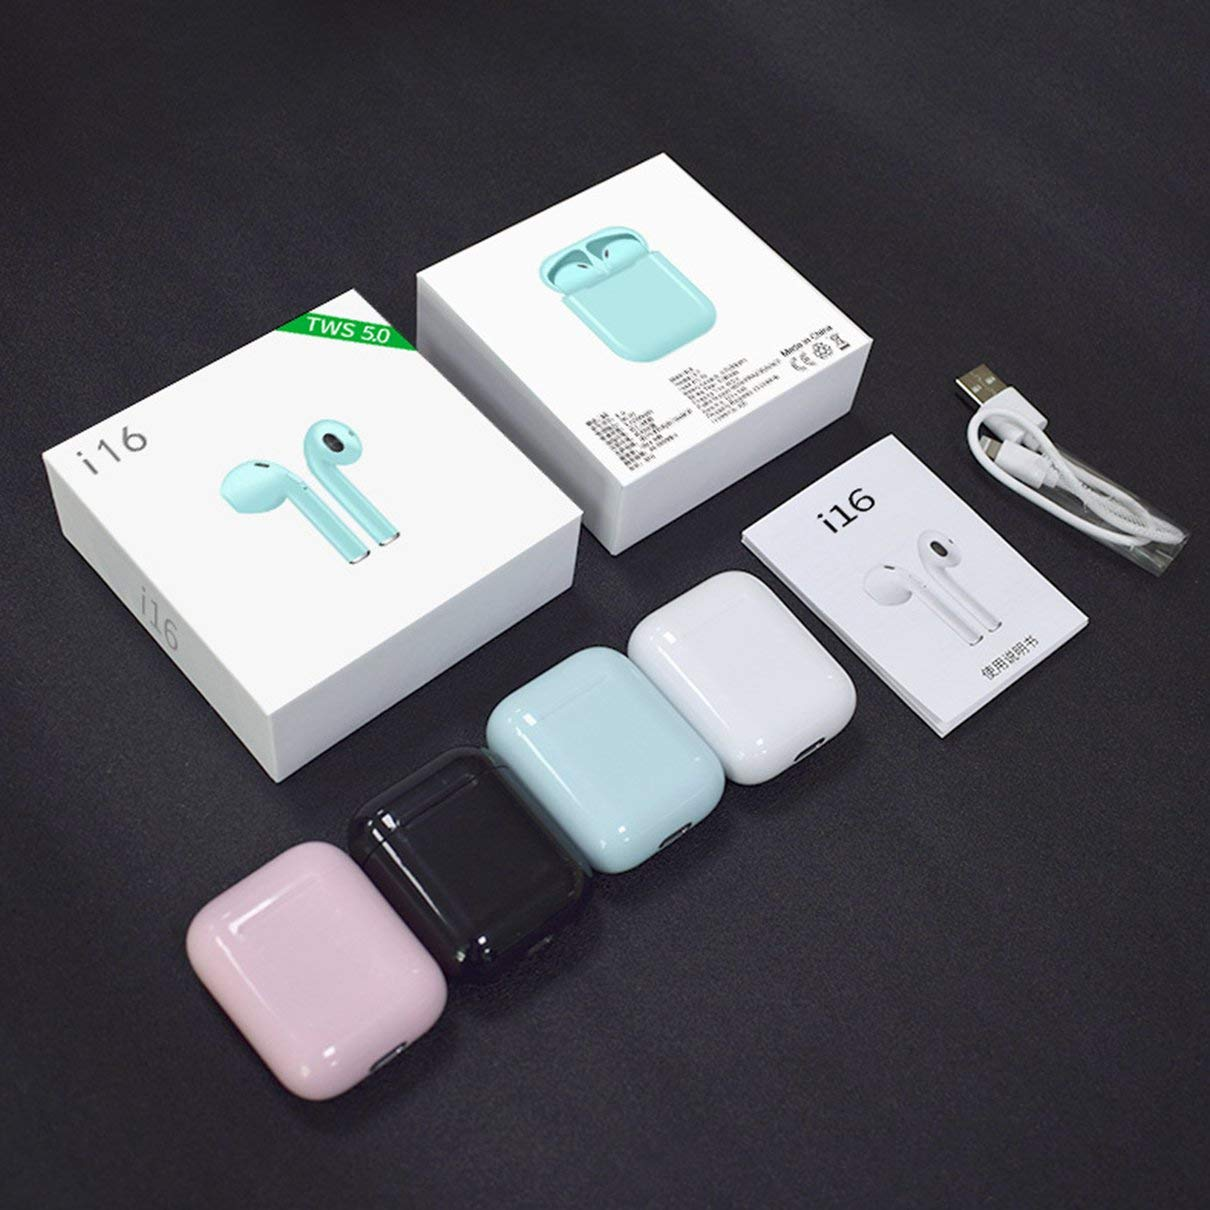 fghfhfgjdfj Cuffie Senza Fili per Cuffie Wireless I16 TWS con Microfono Mini Cuffia Stereo Auricolari per chiamate binaurali in-Ear